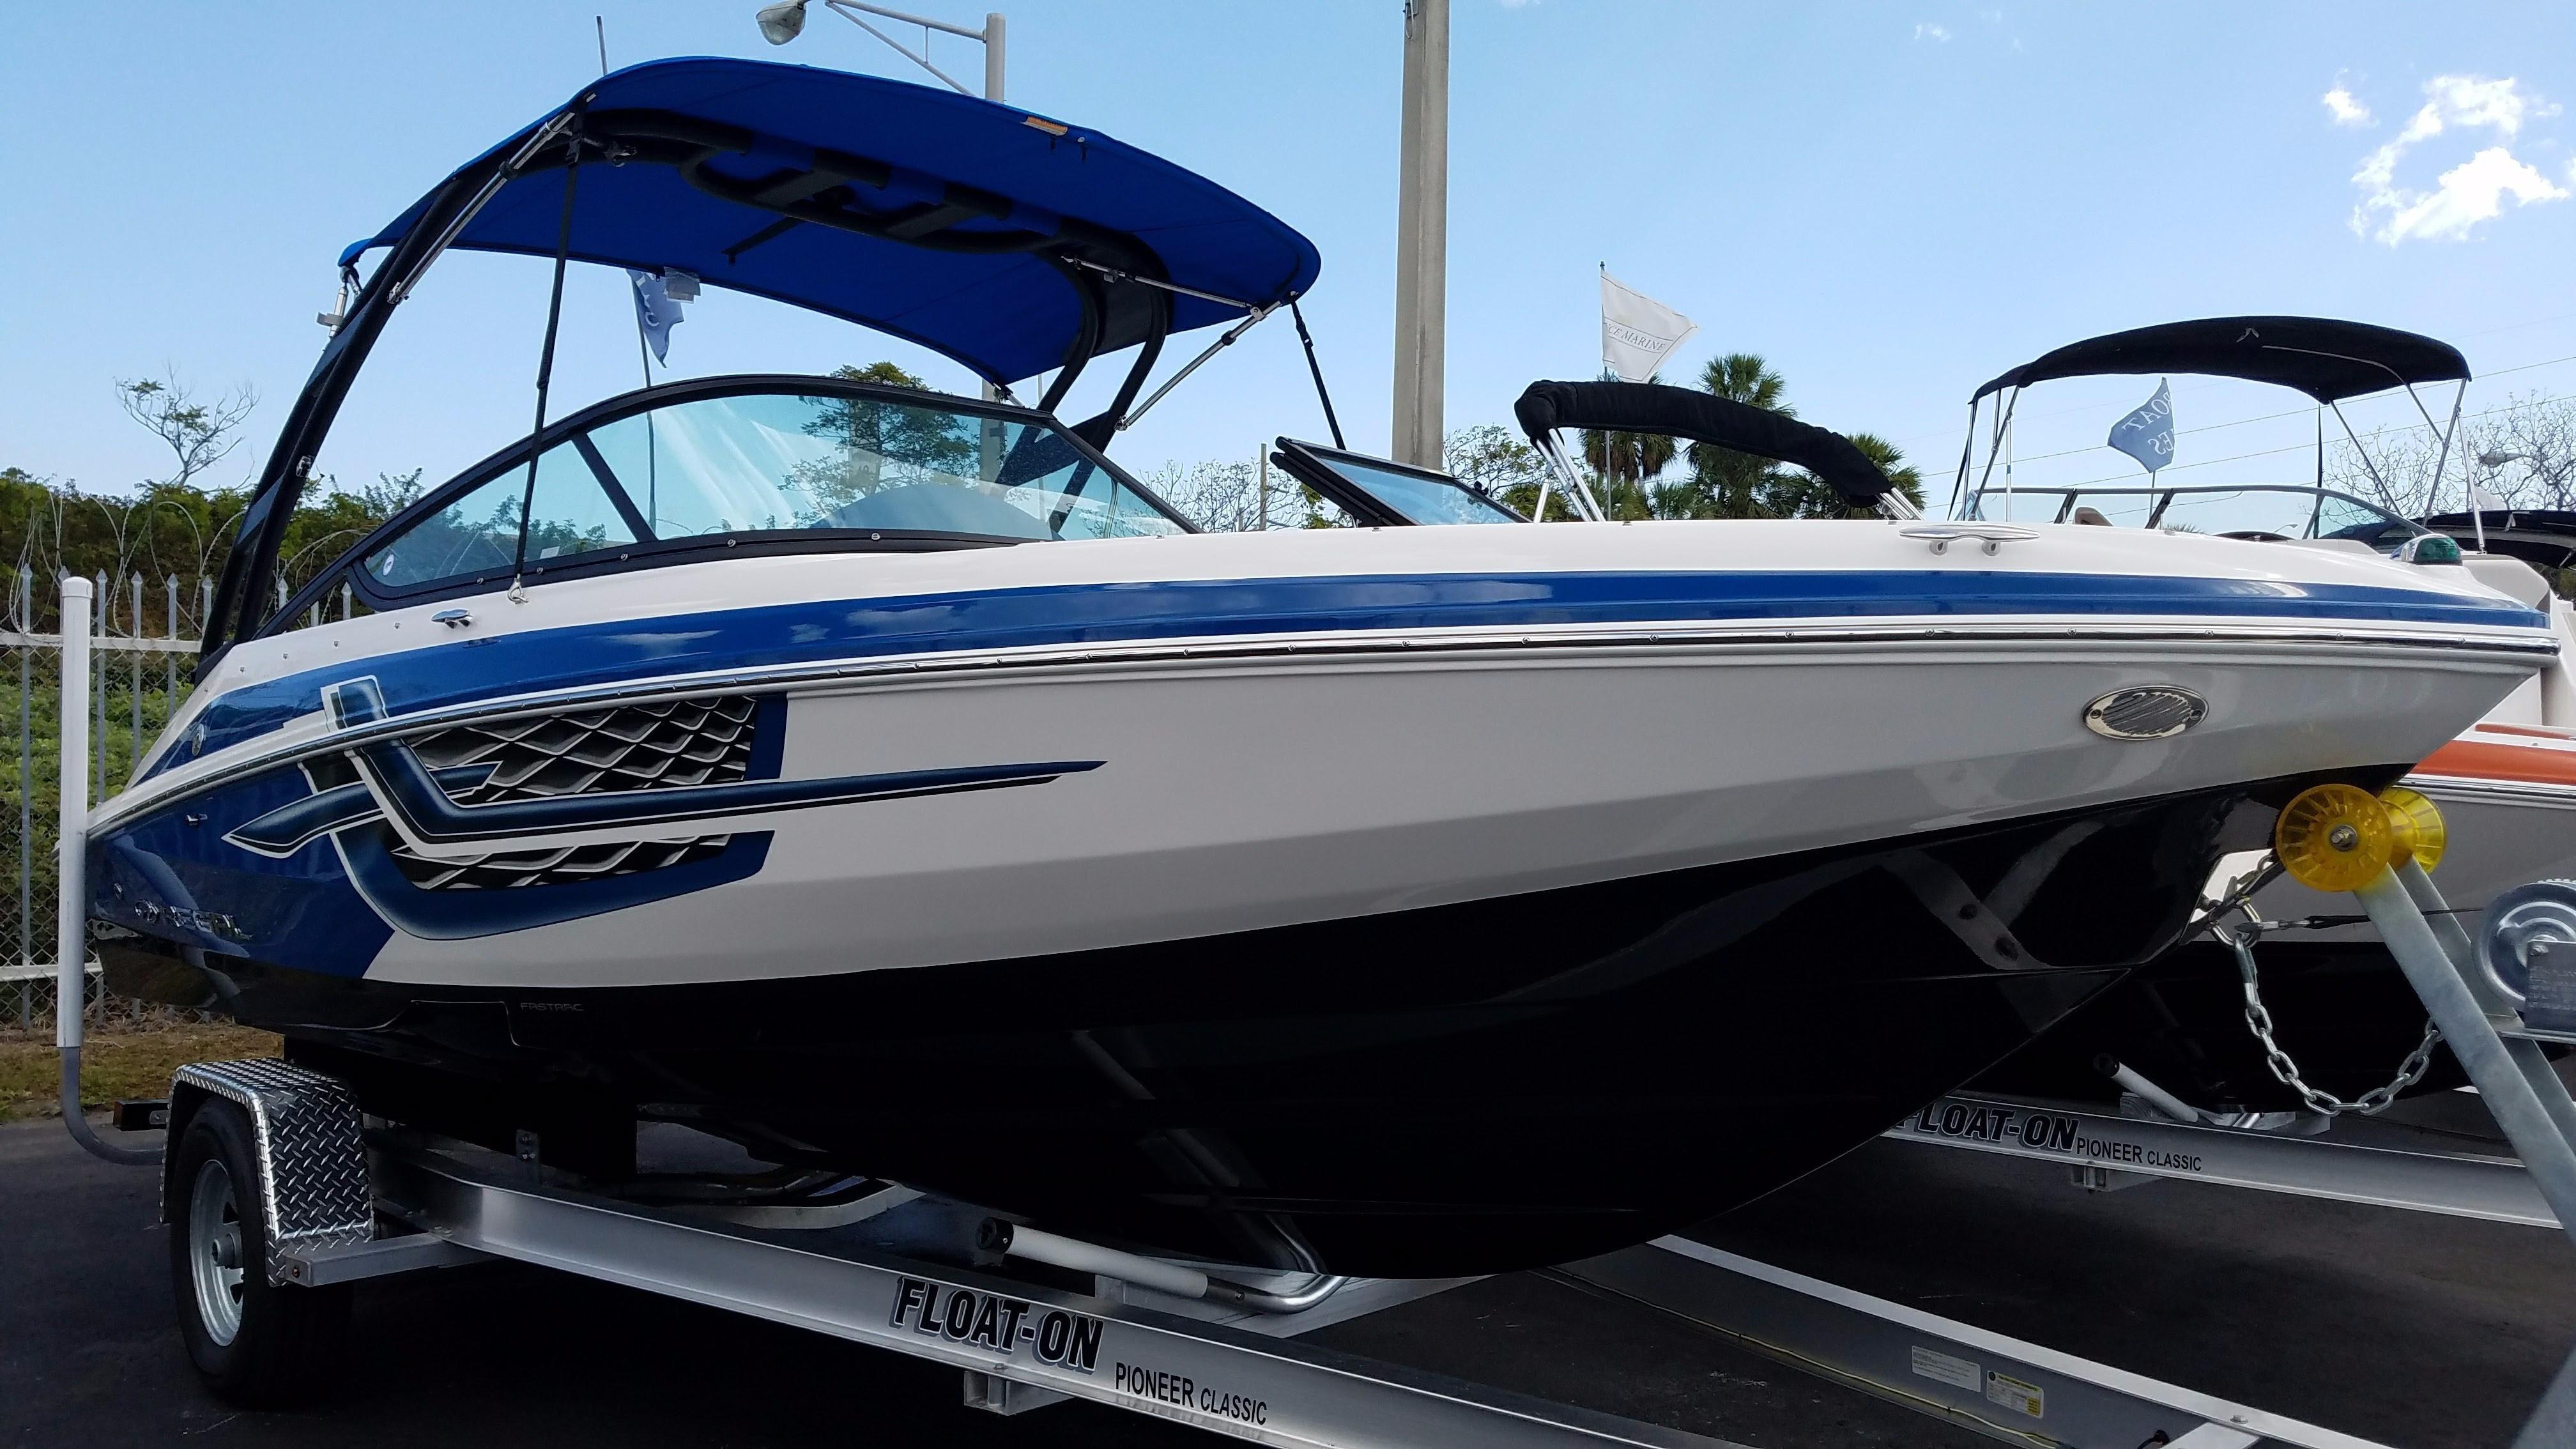 2017 regal 2000 esx bowrider power boat for sale. Black Bedroom Furniture Sets. Home Design Ideas